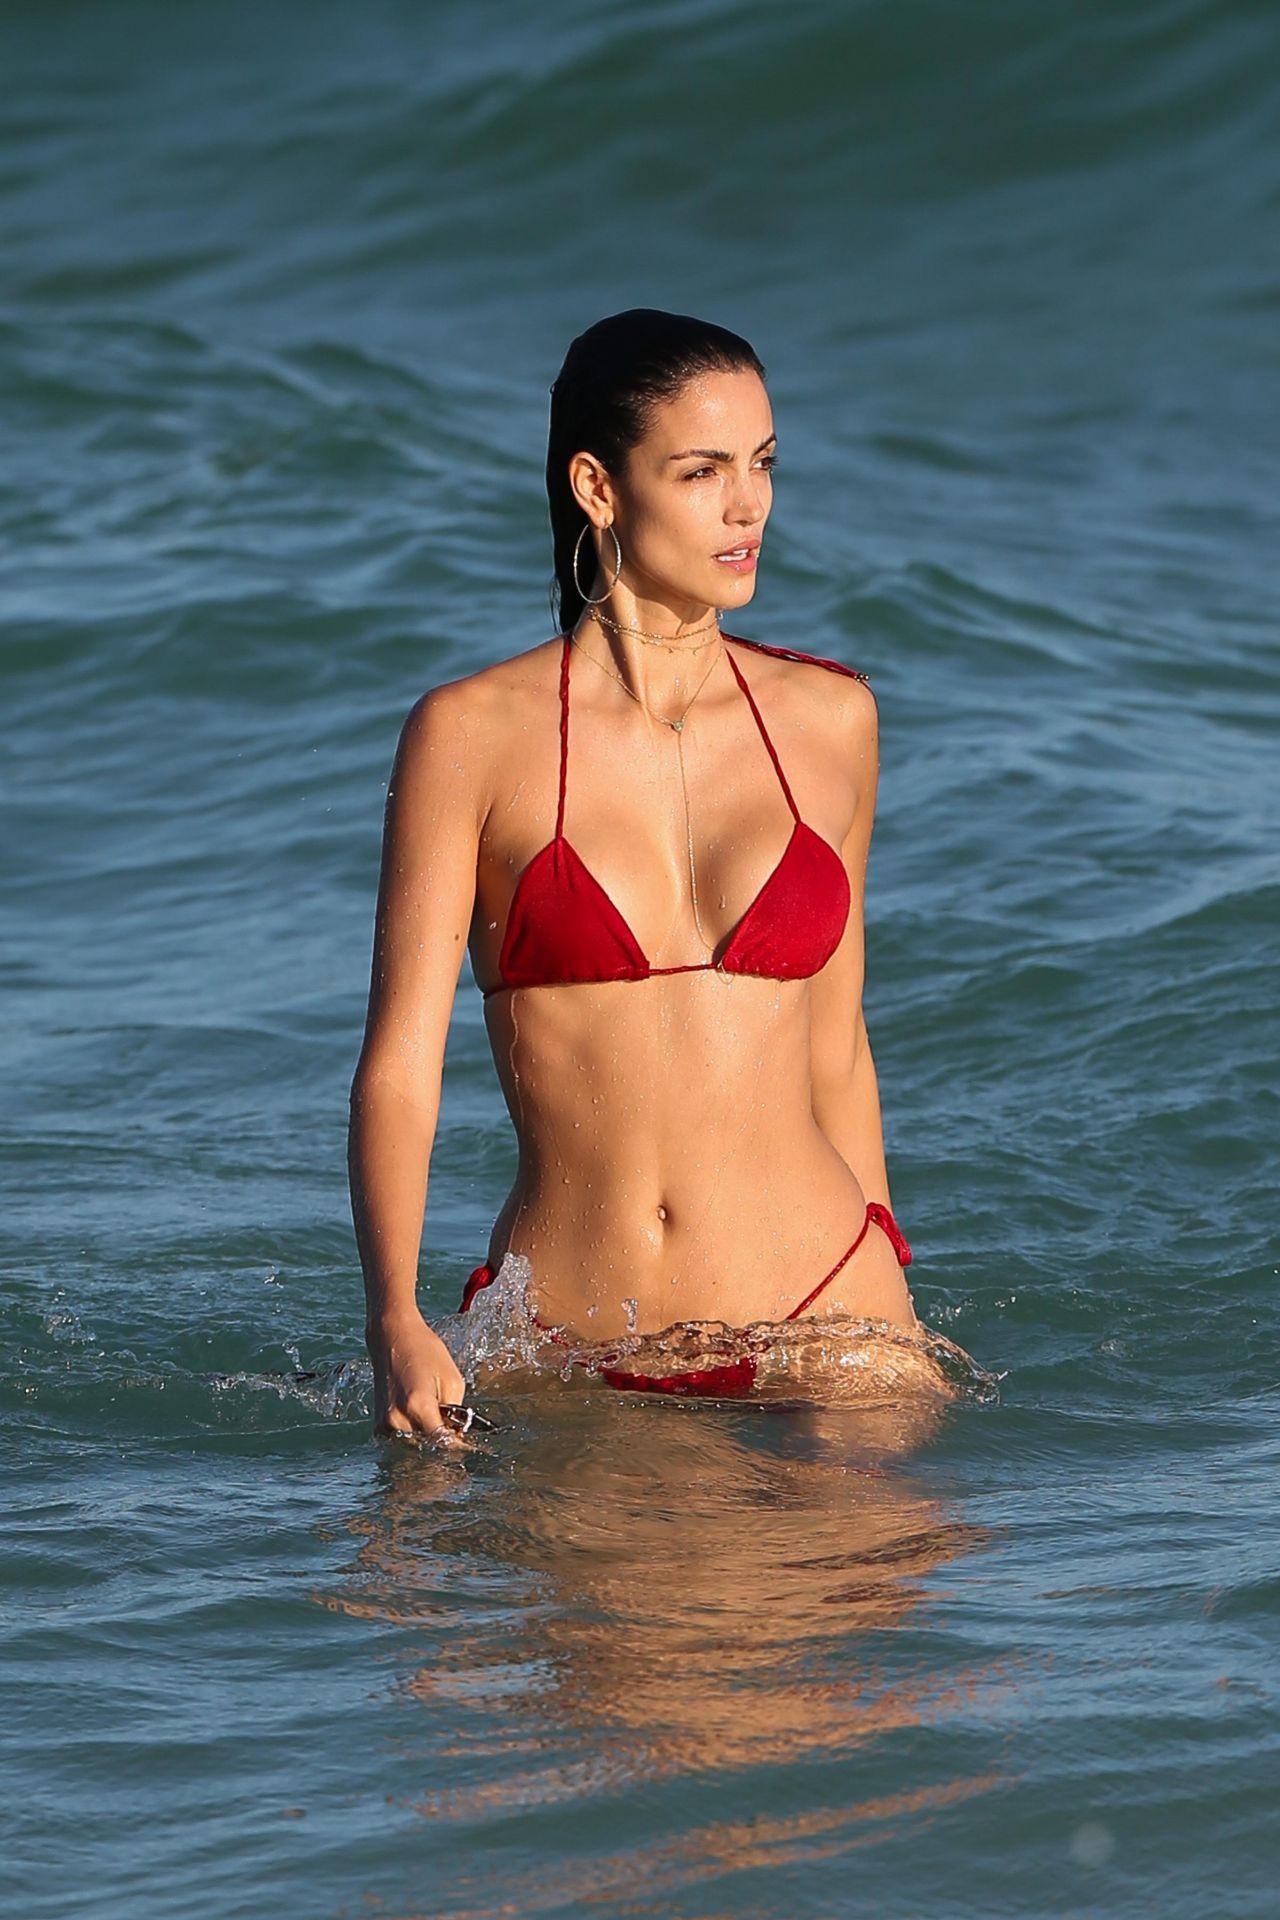 Sofia Resing in Skimpy Red Bikini in Miami Pic 8 of 35